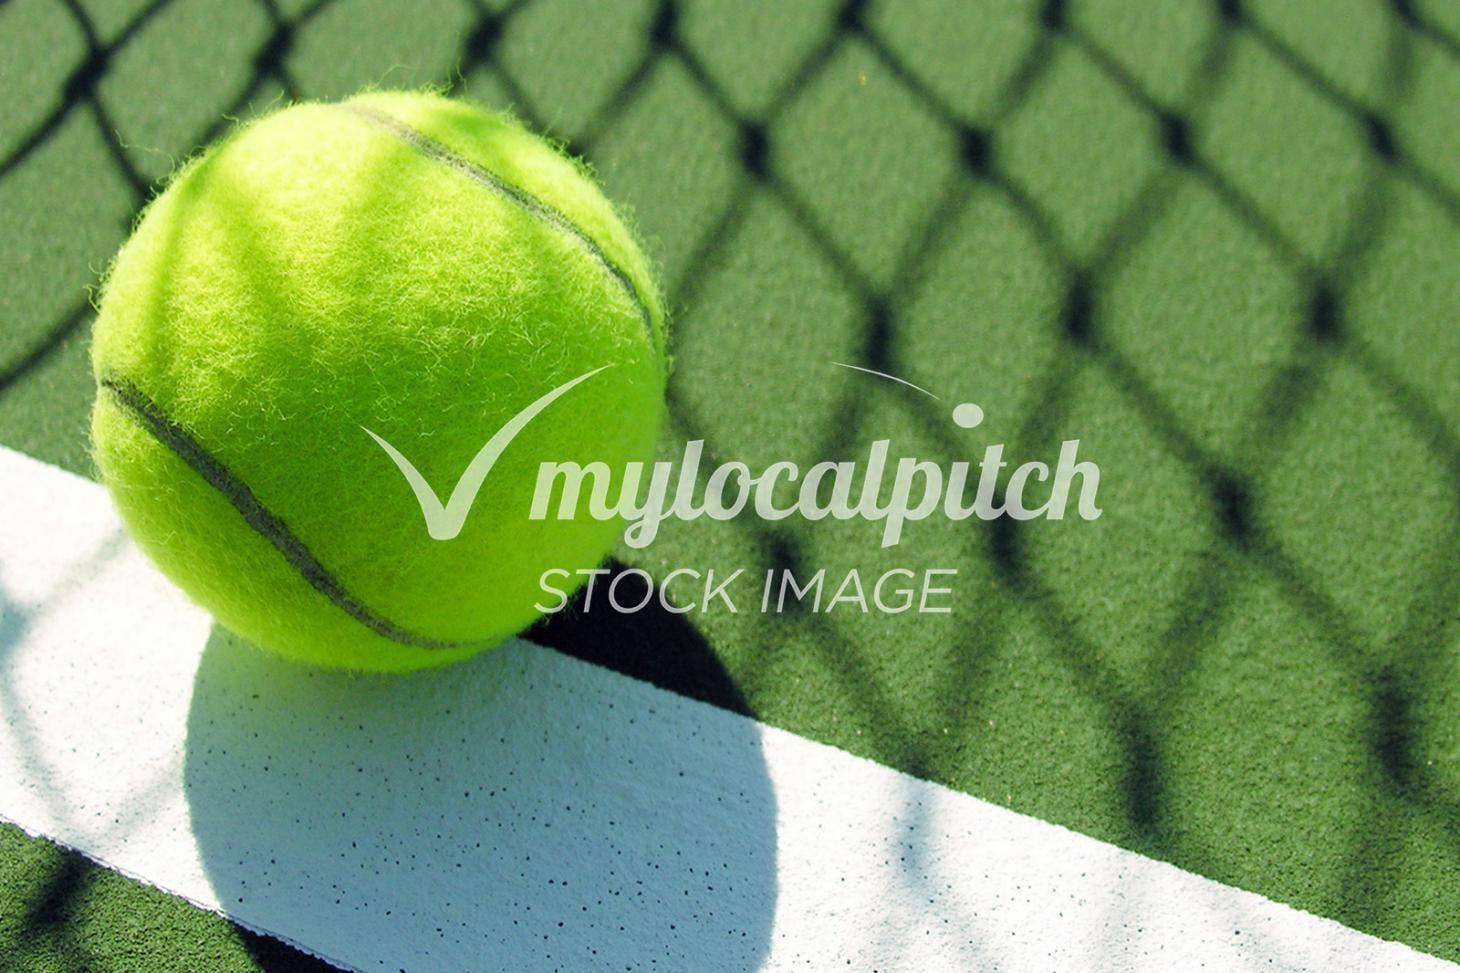 Virgin Active Fulham Outdoor | Hard (macadam) tennis court